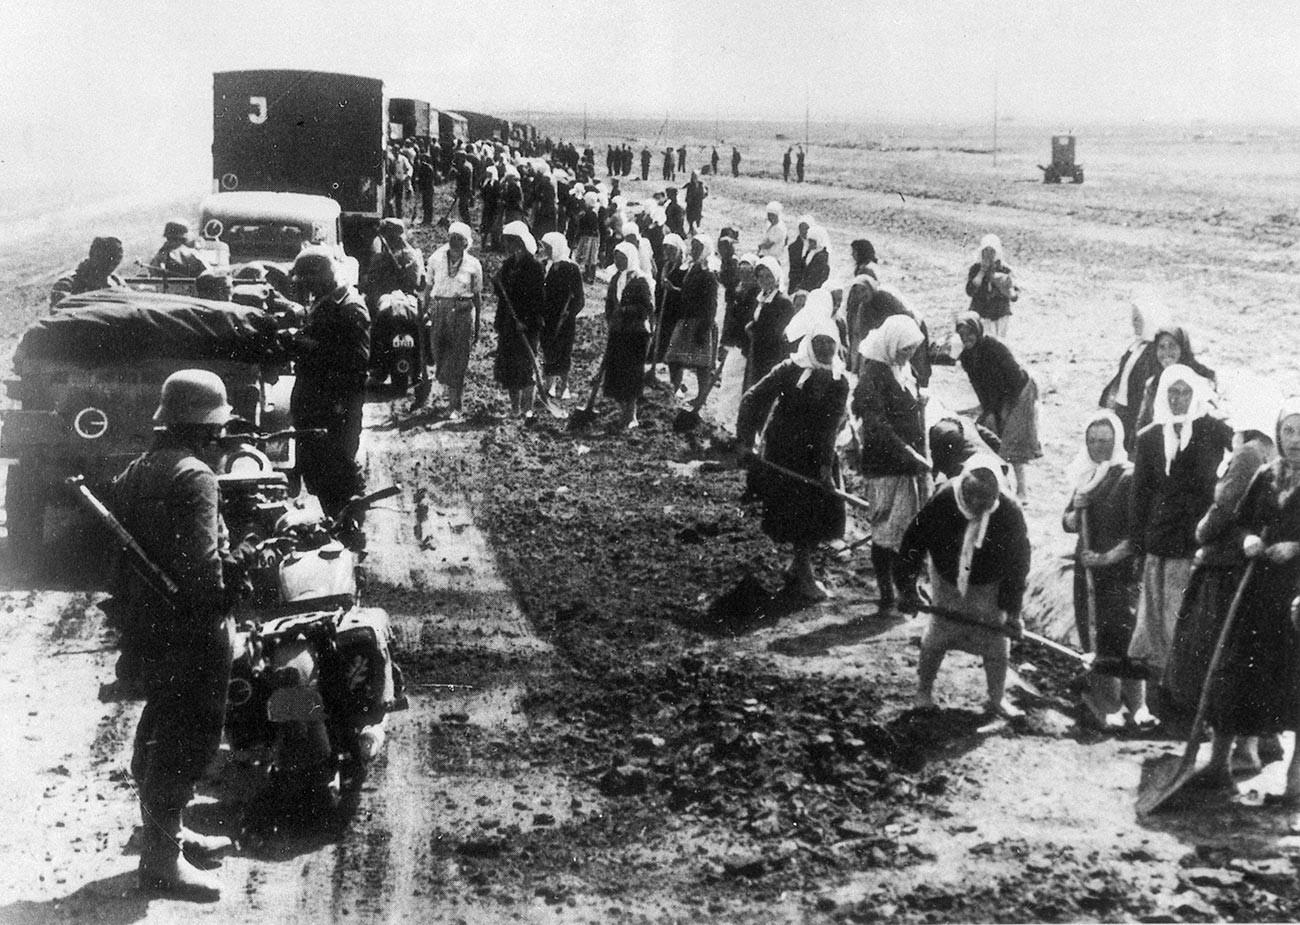 Cоветские граждане на дорожных работах под надзором немецких солдат.